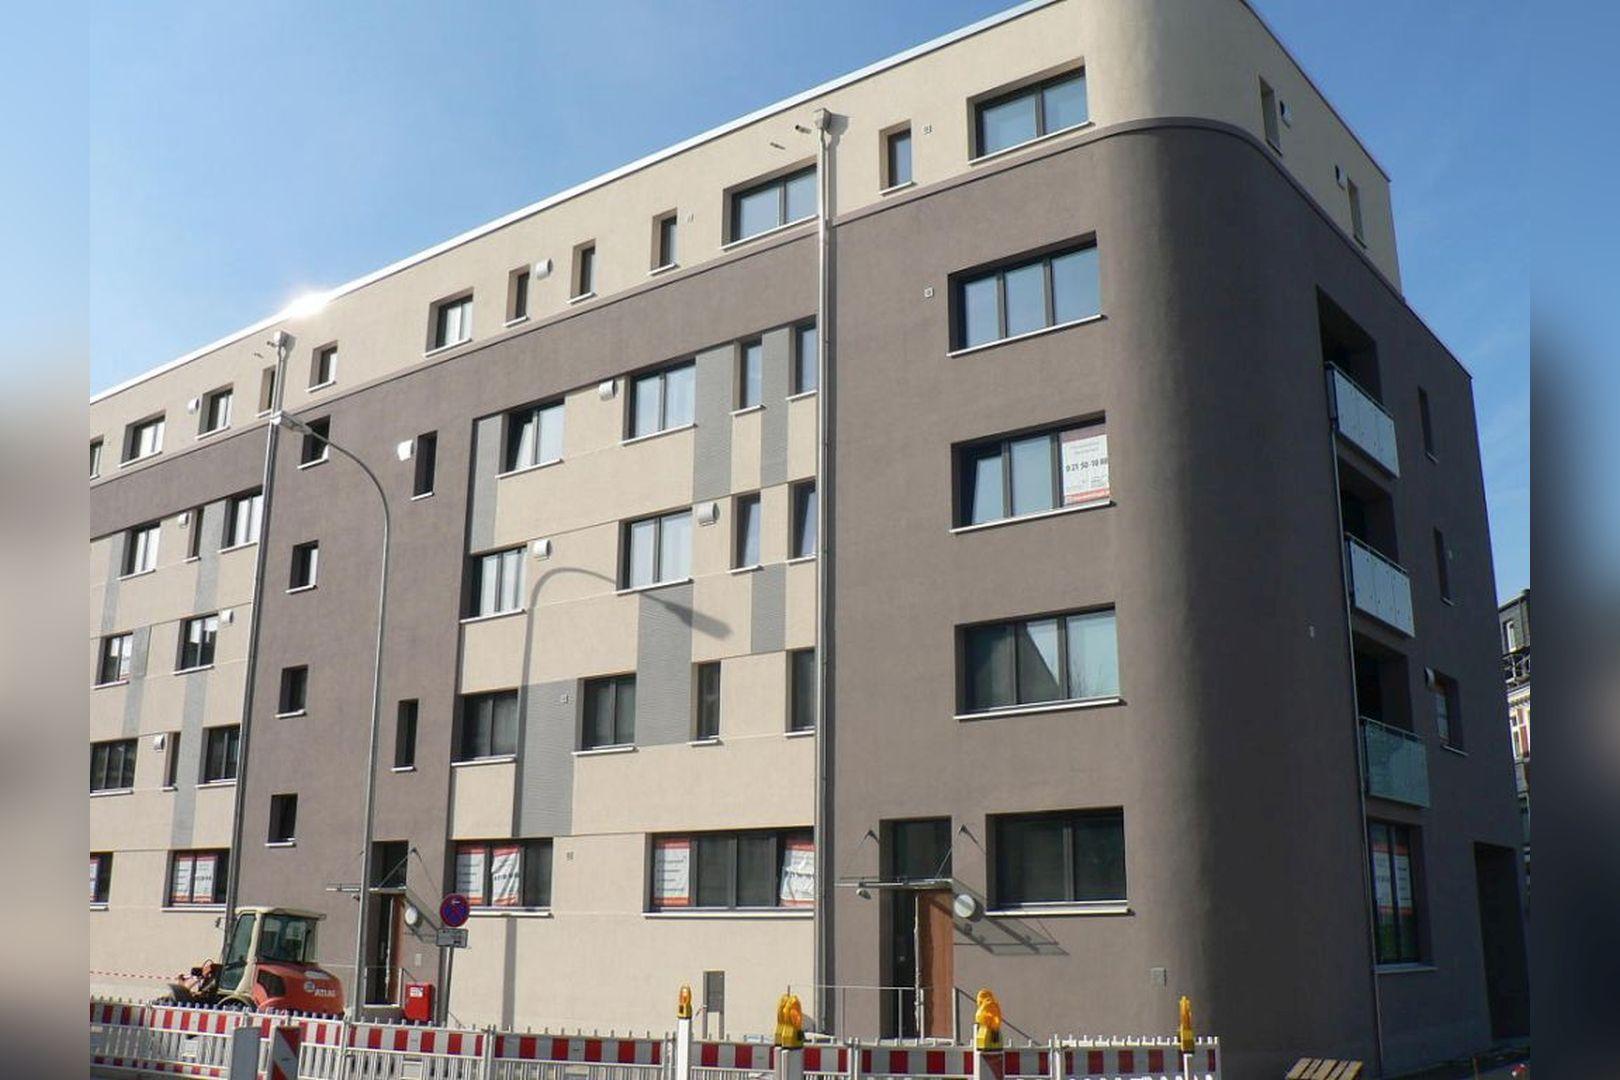 Immobilie Nr.Hilden 10 + 11 - Für Büro-Praxis-Service-Dienstleistung in absoluter Werbelage! - Bild 7.jpg